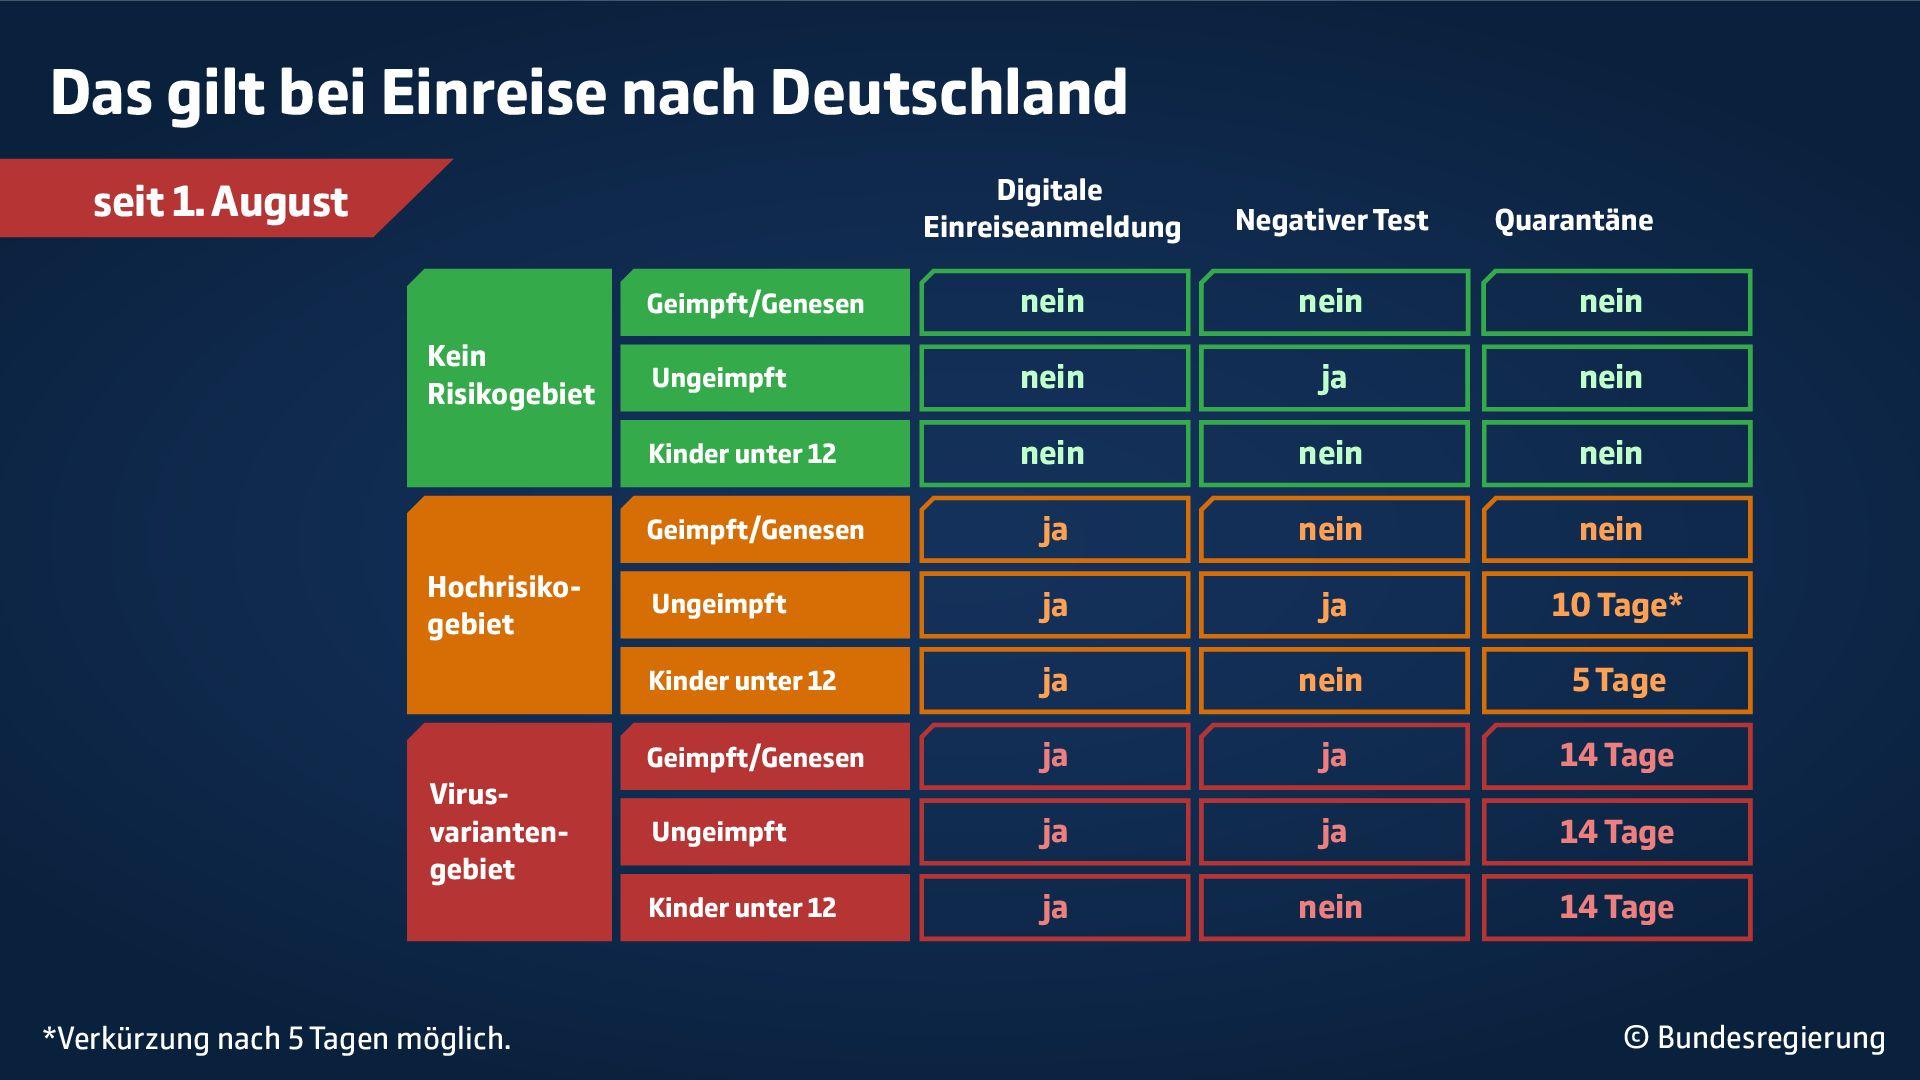 Übersicht Das gilt bei Einreise nach Deutschland sei 1. August 2021